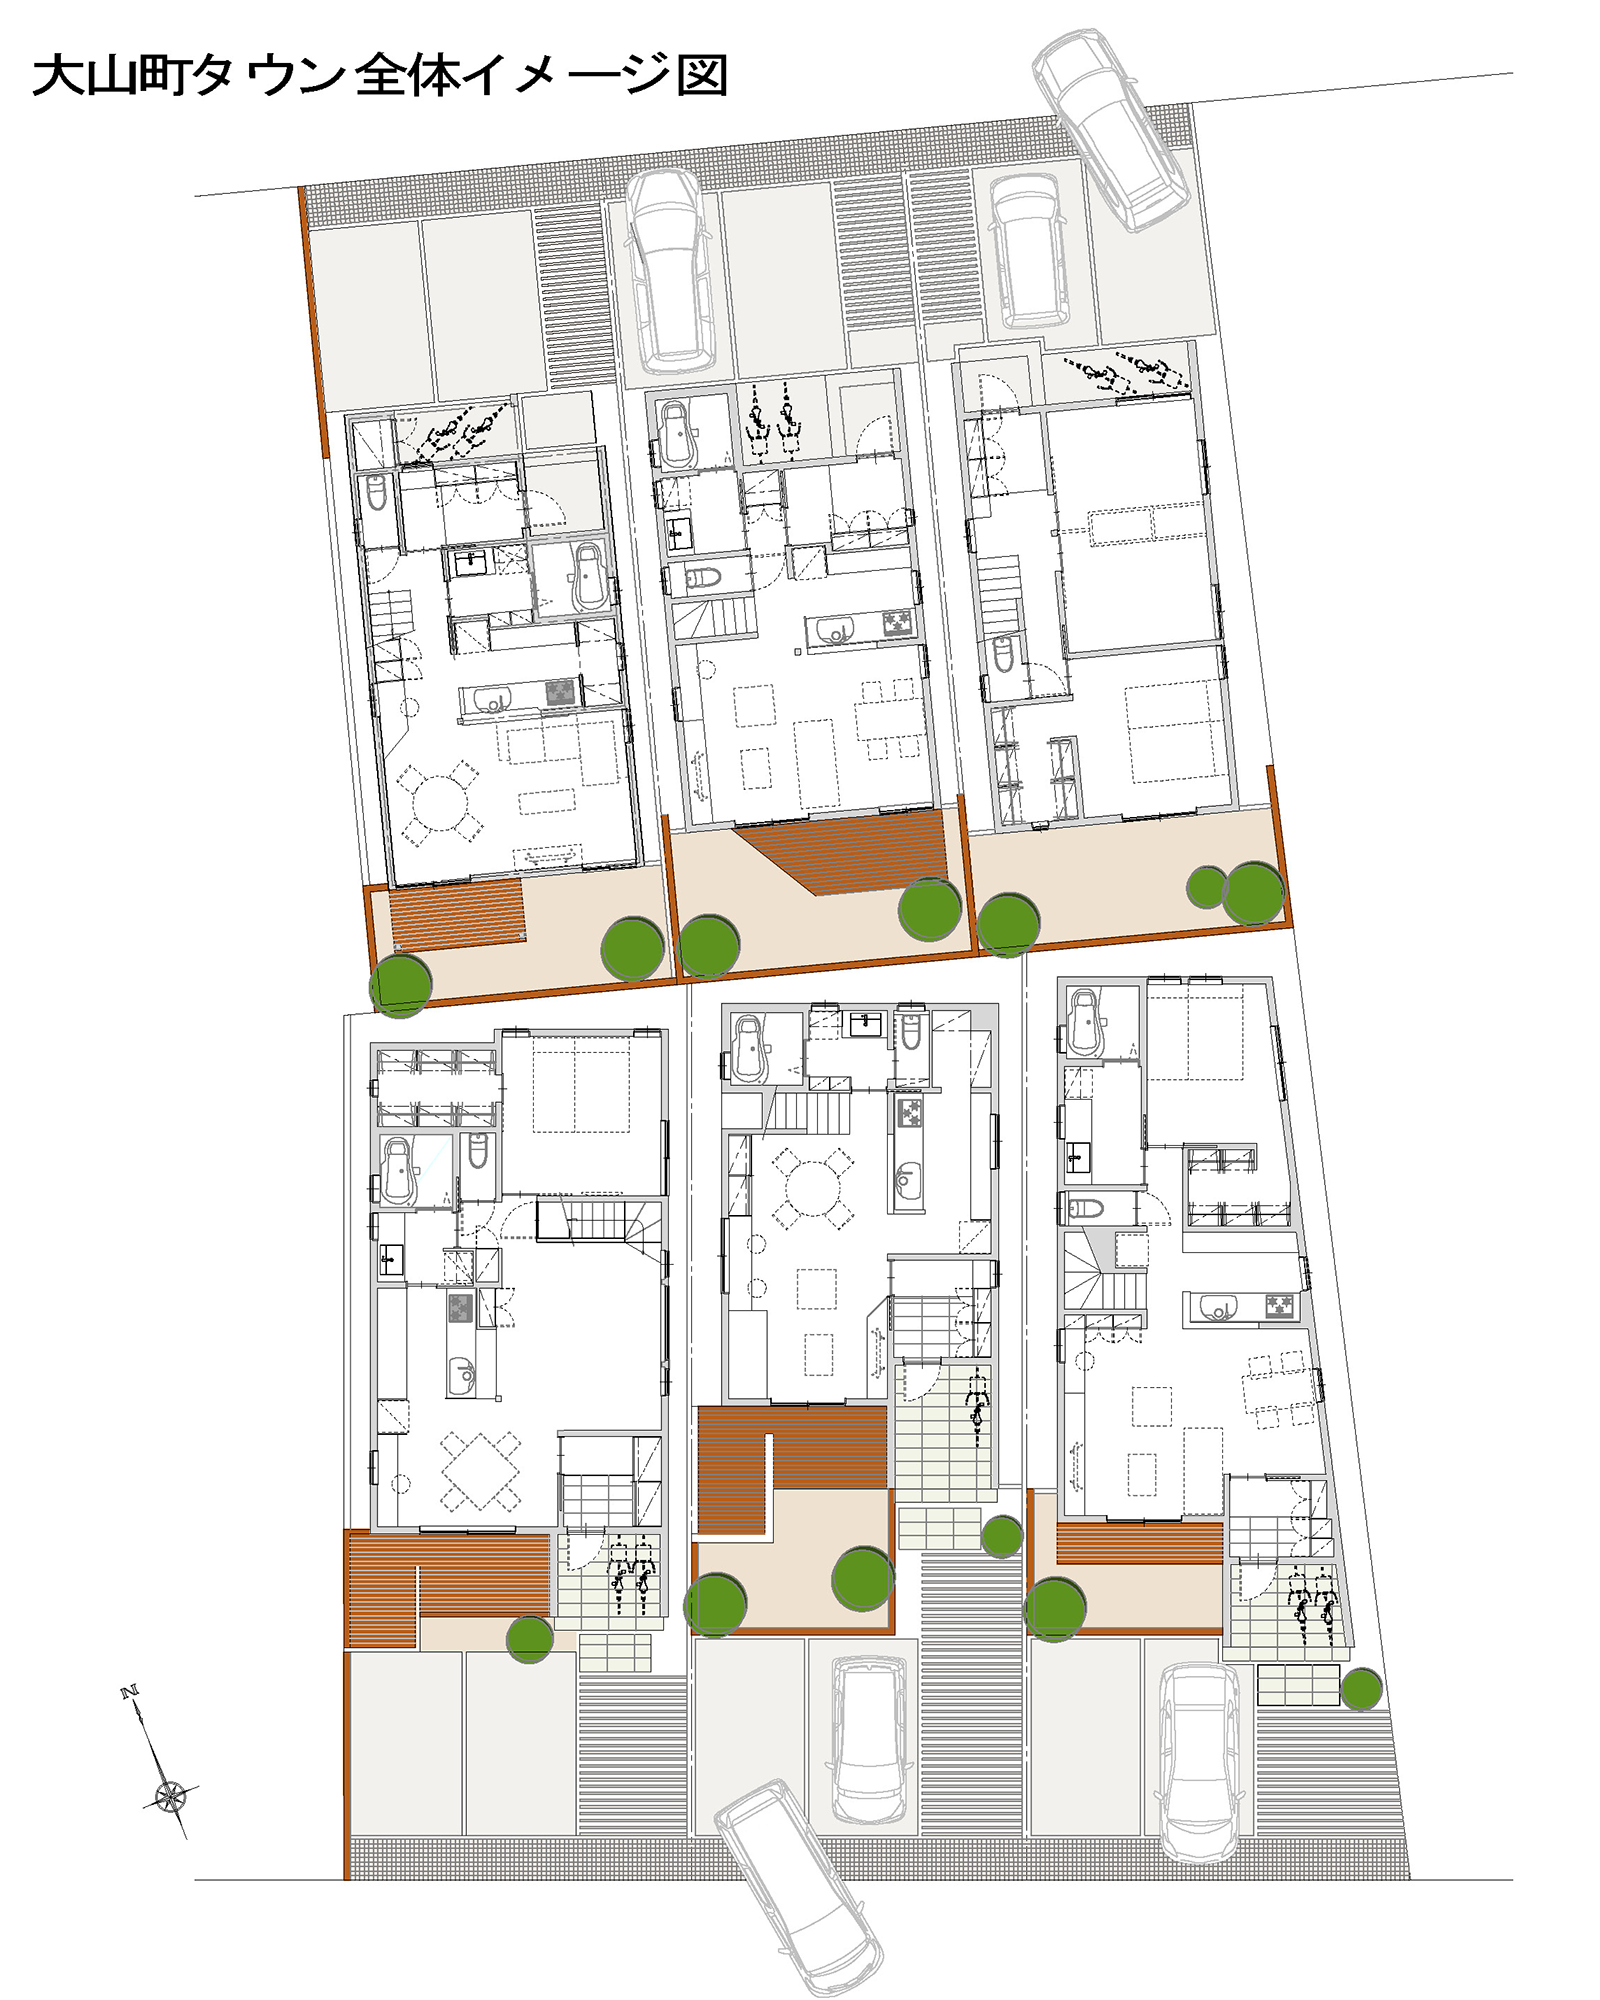 大山町タウンの全体イメージ図|株式会社未来住建|安城市|注文住宅・マンションリフォーム・定期借地権付分譲